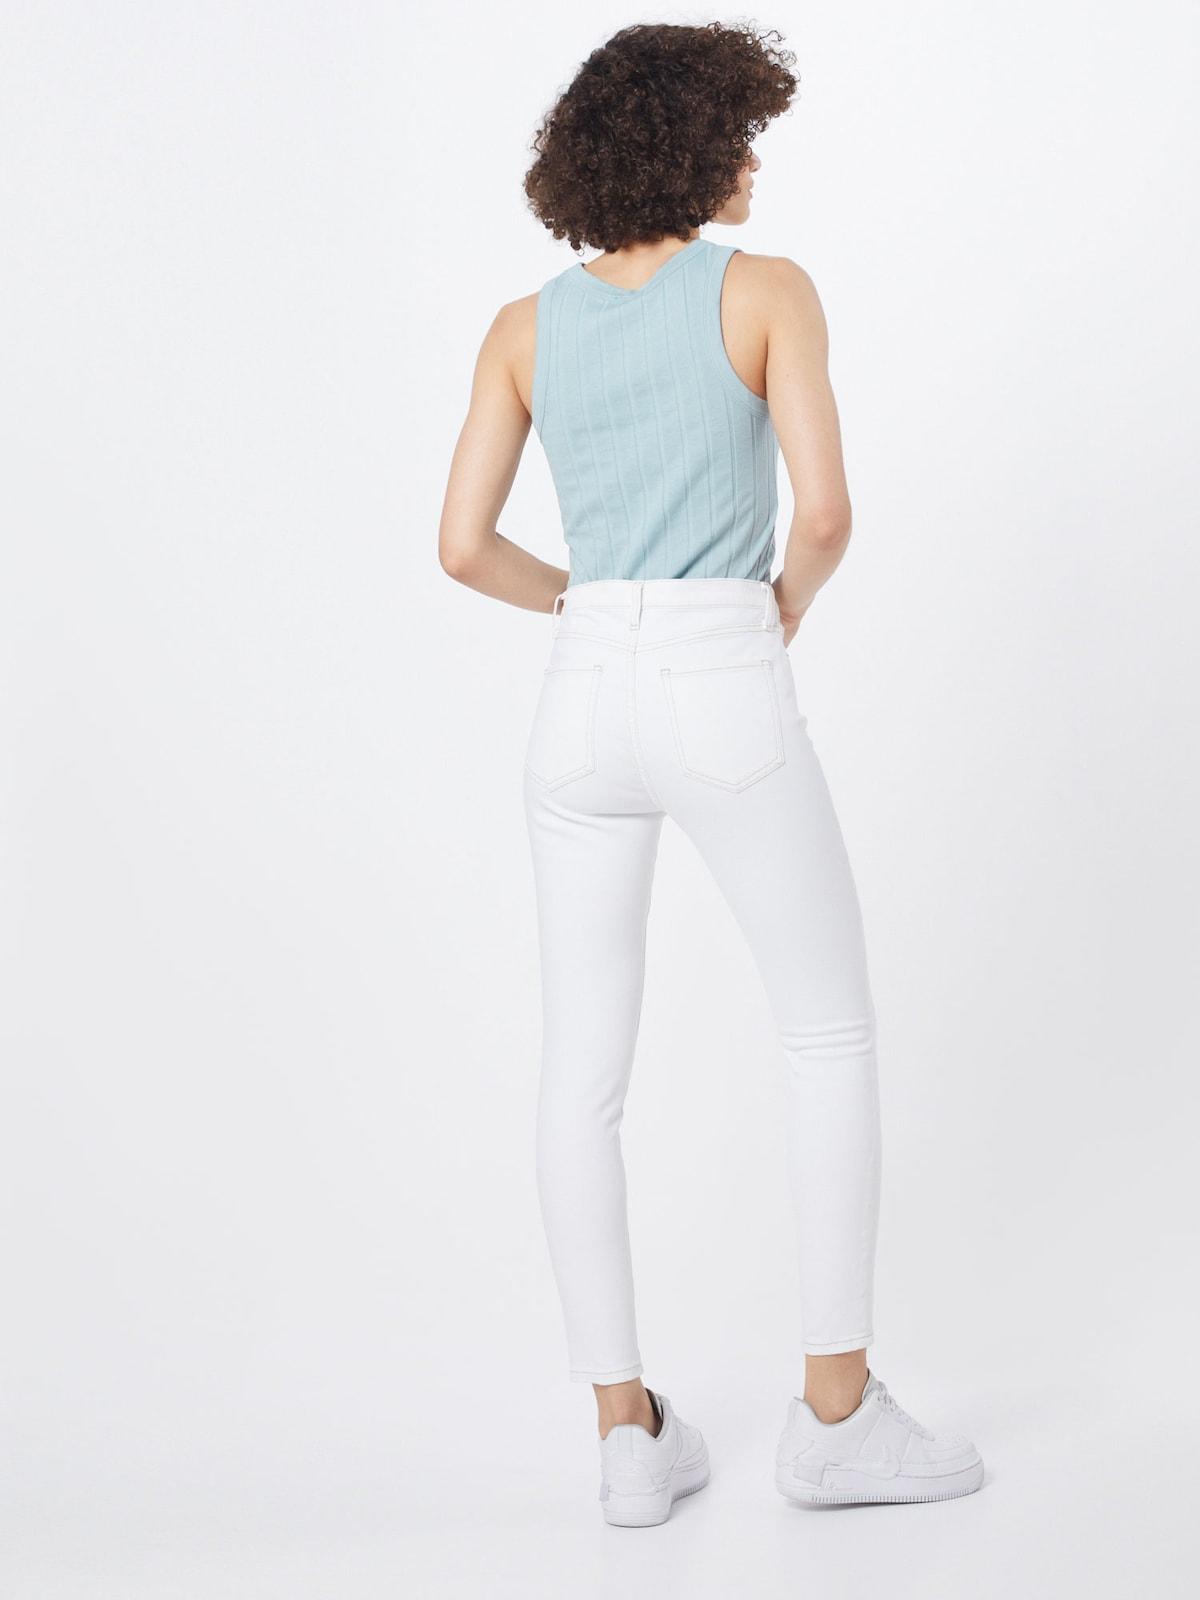 Beliebt Frauen Bekleidung Banana Republic Jeans in white denim Zum Verkauf